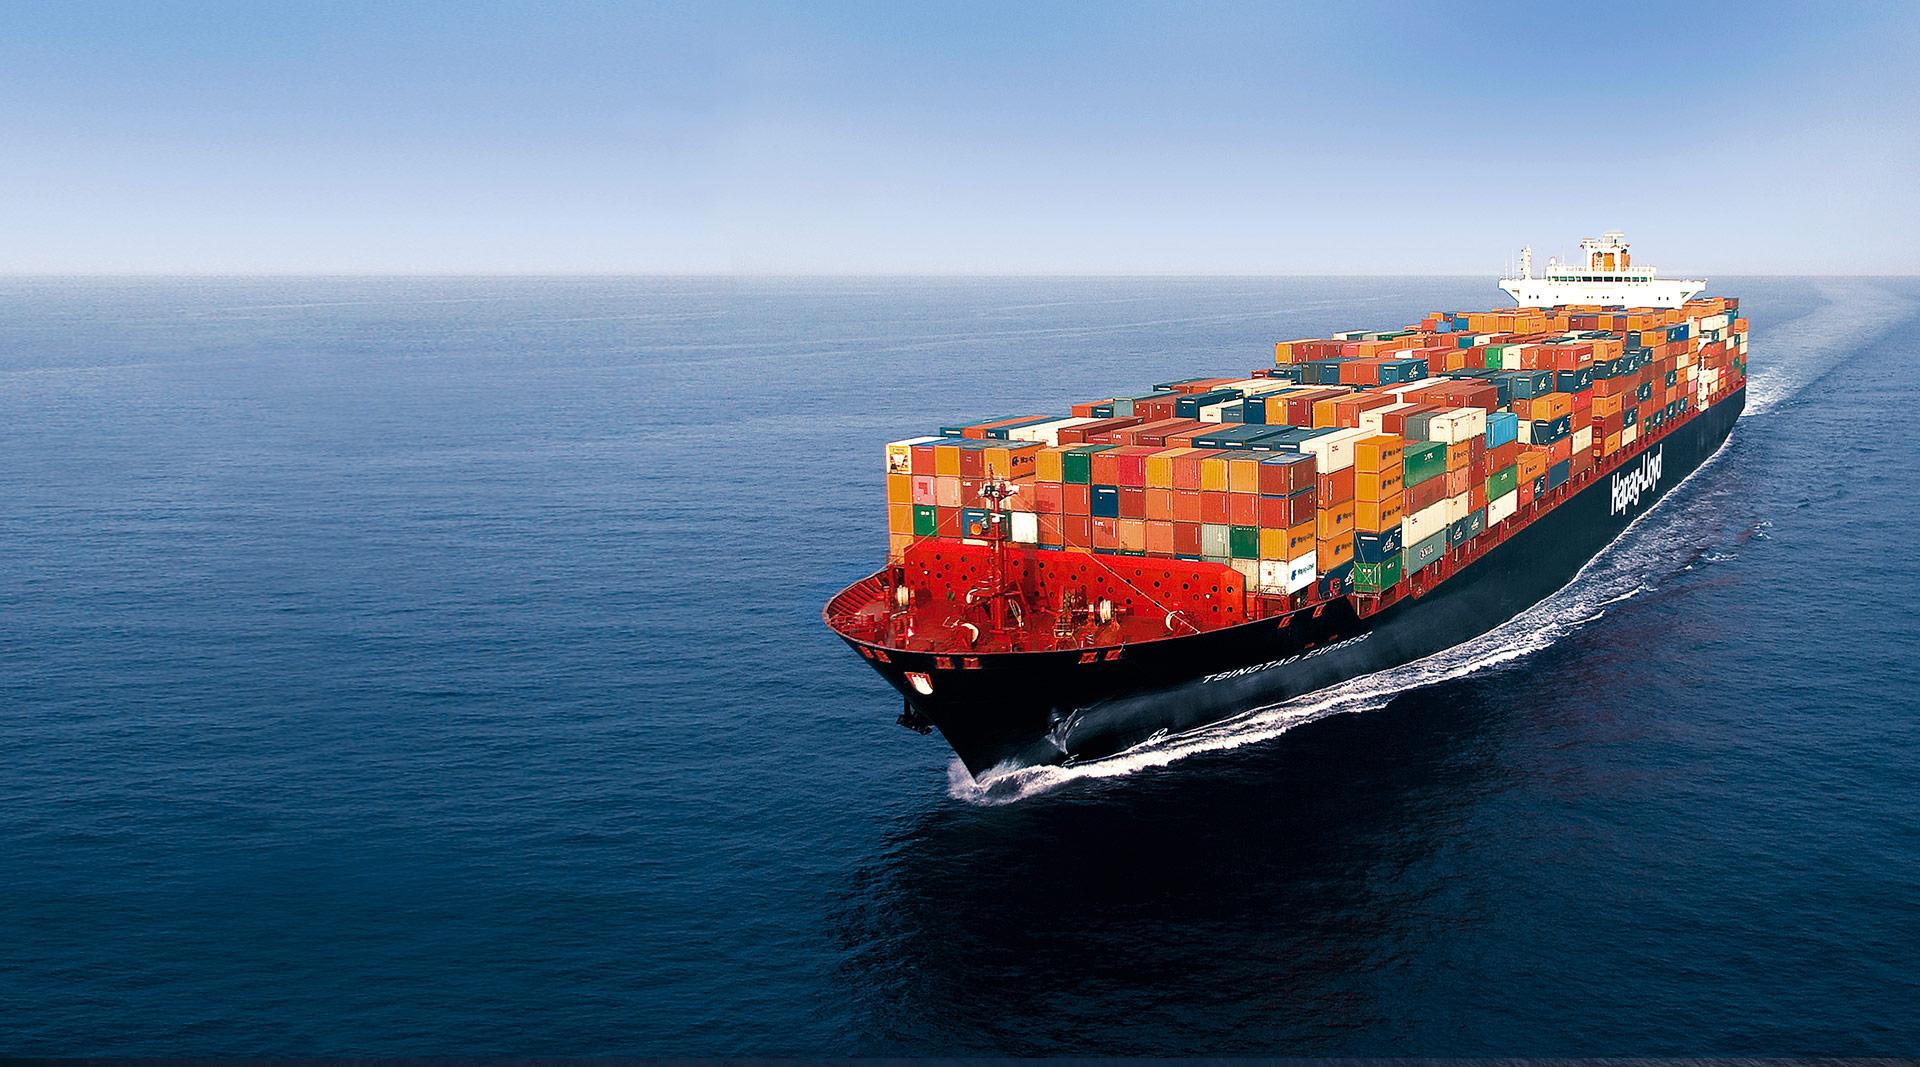 Uluslararası Deniz Yolu Taşımacılığı